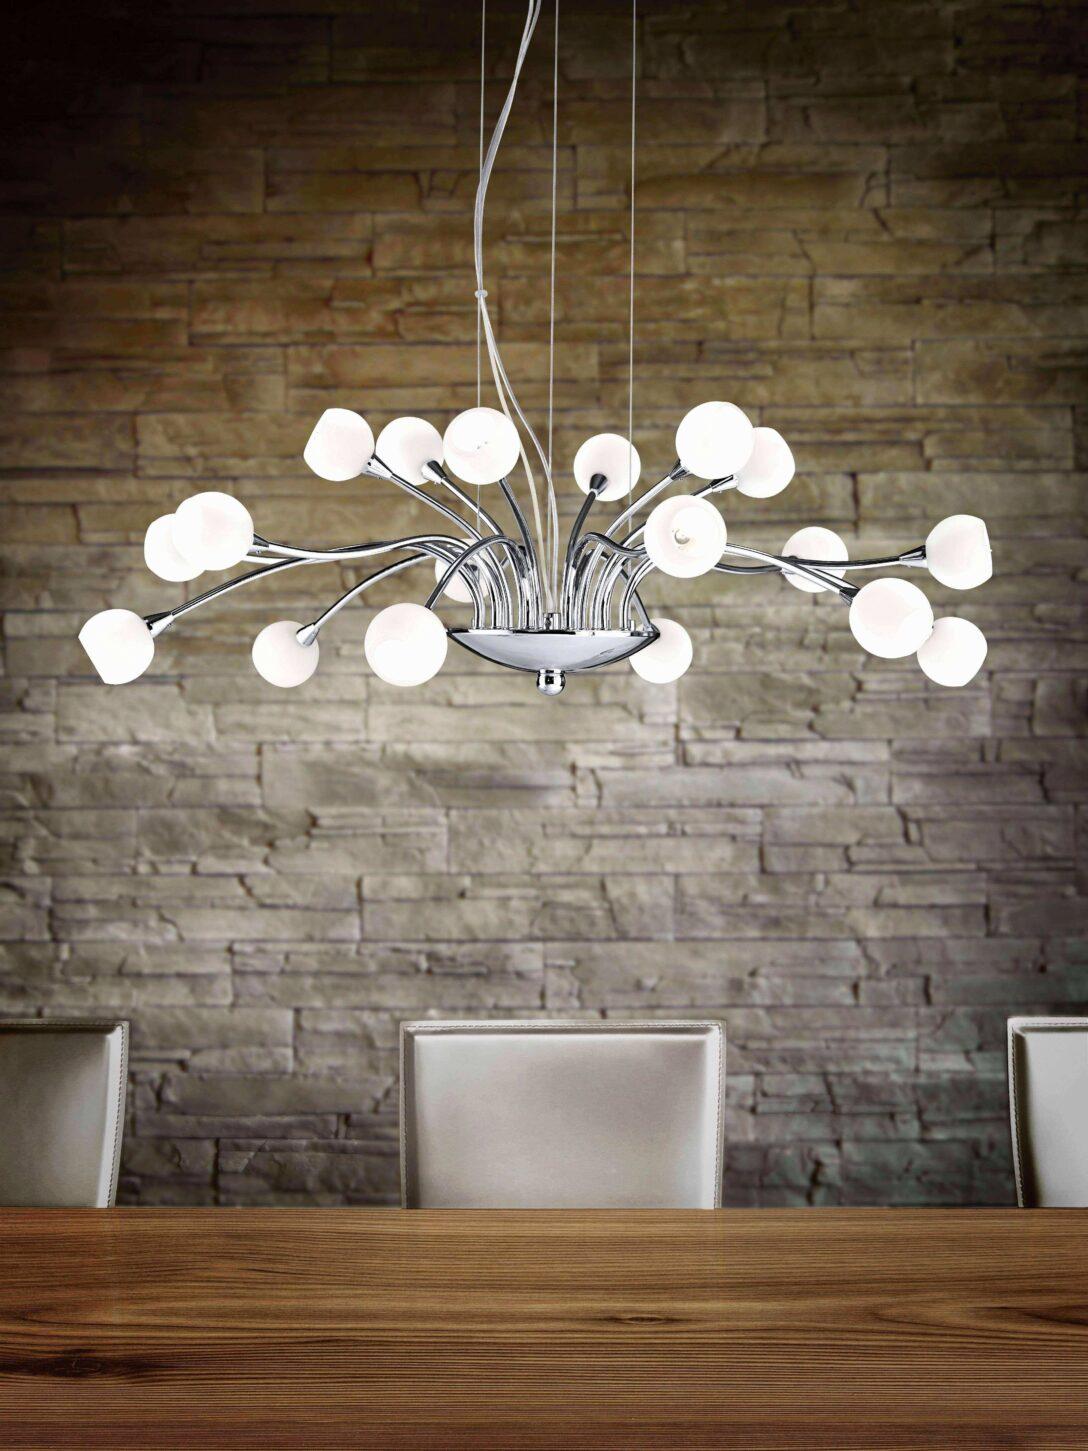 Large Size of Ikea Wohnzimmer Lampe Lampen Elegant Neu Tolles Tisch Deckenleuchten Landhausstil Hängeschrank Weiß Hochglanz Deckenlampe Bilder Fürs Wohnwand Schlafzimmer Wohnzimmer Ikea Wohnzimmer Lampe